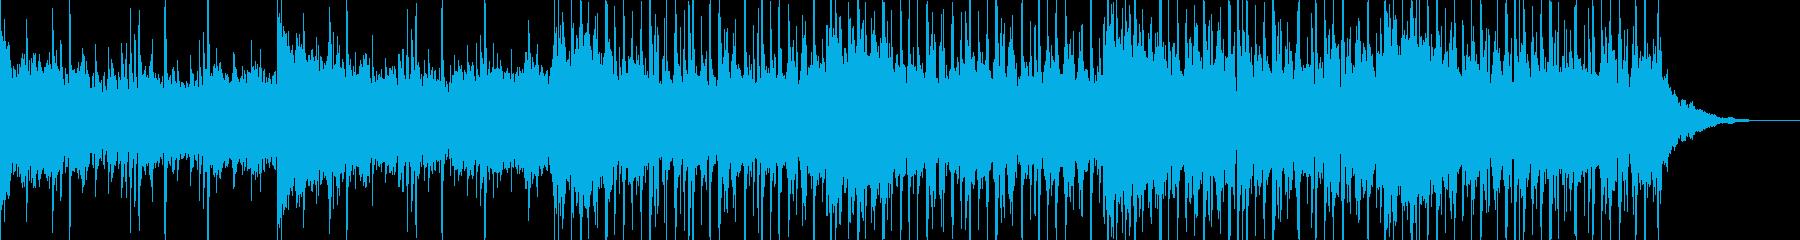 ループ可、緊迫、ダークなシンセ&ビートの再生済みの波形